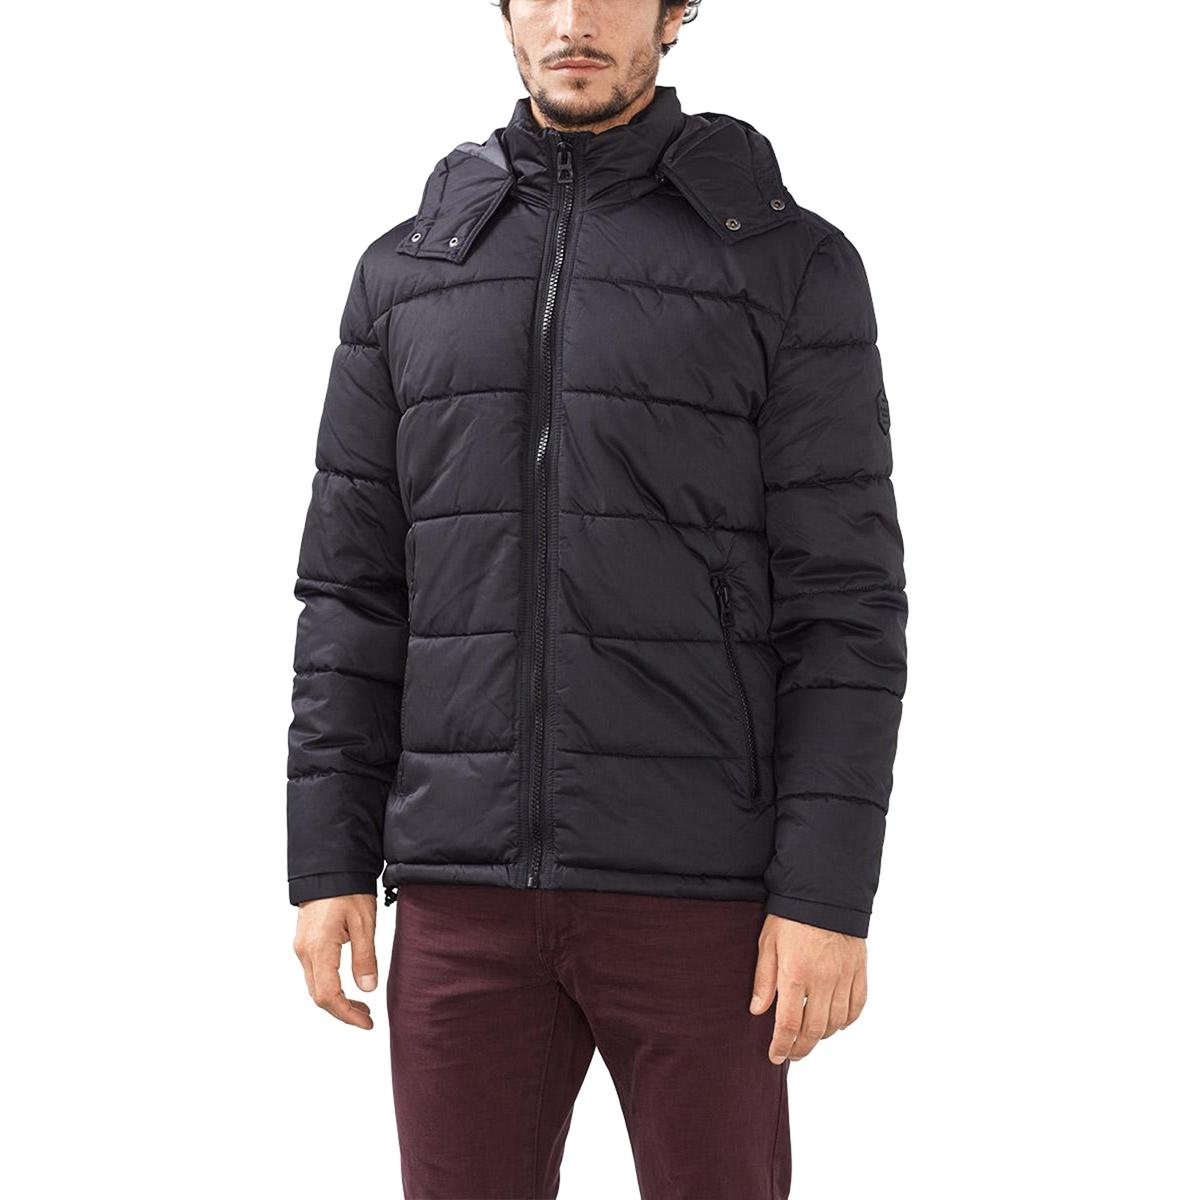 Куртка стёганая с капюшономСтеганая крутка с капюшоном - ESPRIT. Прямой покрой, высокий воротник, капюшон. Застежка на молнию. Карманы по бокам. Состав и описание :Материал : 100% полиамида, нейлона®Марка : ESPRIT<br><br>Цвет: черный